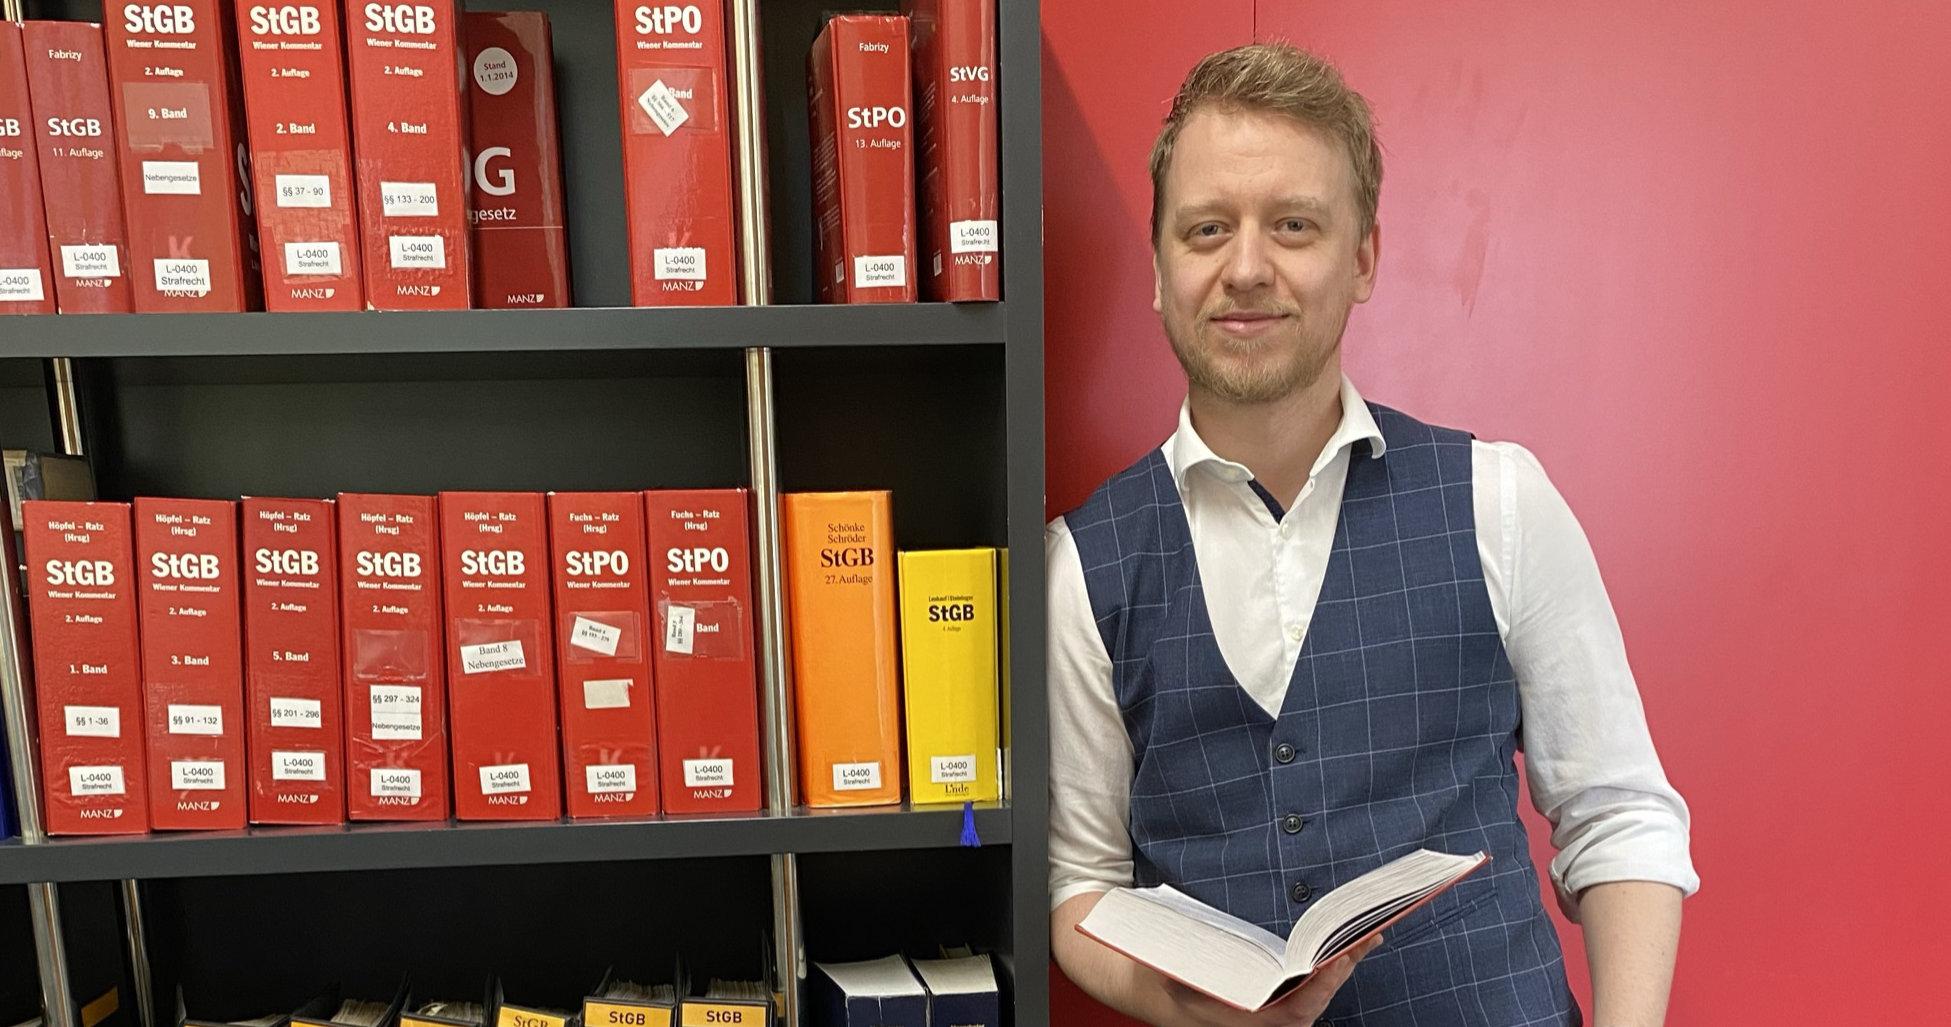 Rechtsanwalt Bernd Wiesinger lehnt an einem Bücherregal